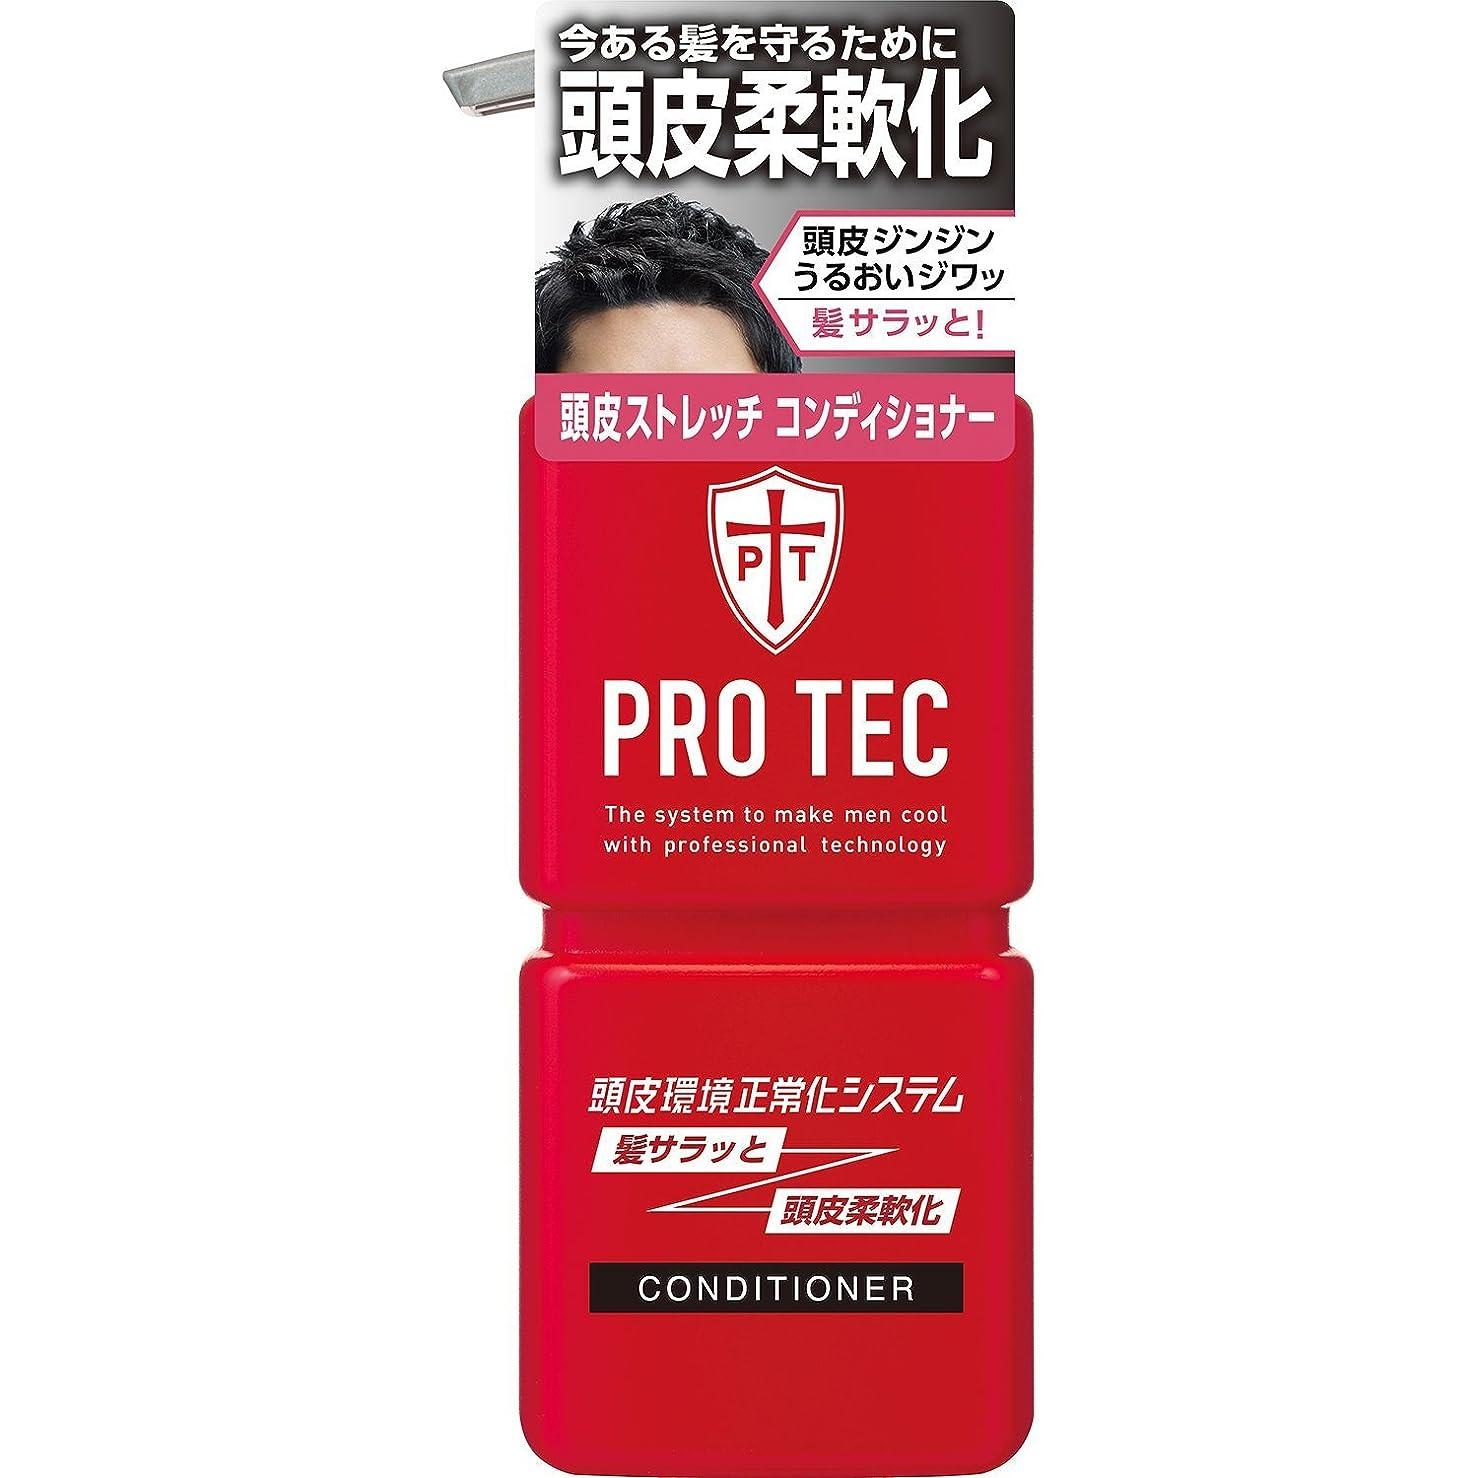 民兵ルネッサンス意図するPRO TEC(プロテク) 頭皮ストレッチコンディショナー ポンプ 300g ×10個セット